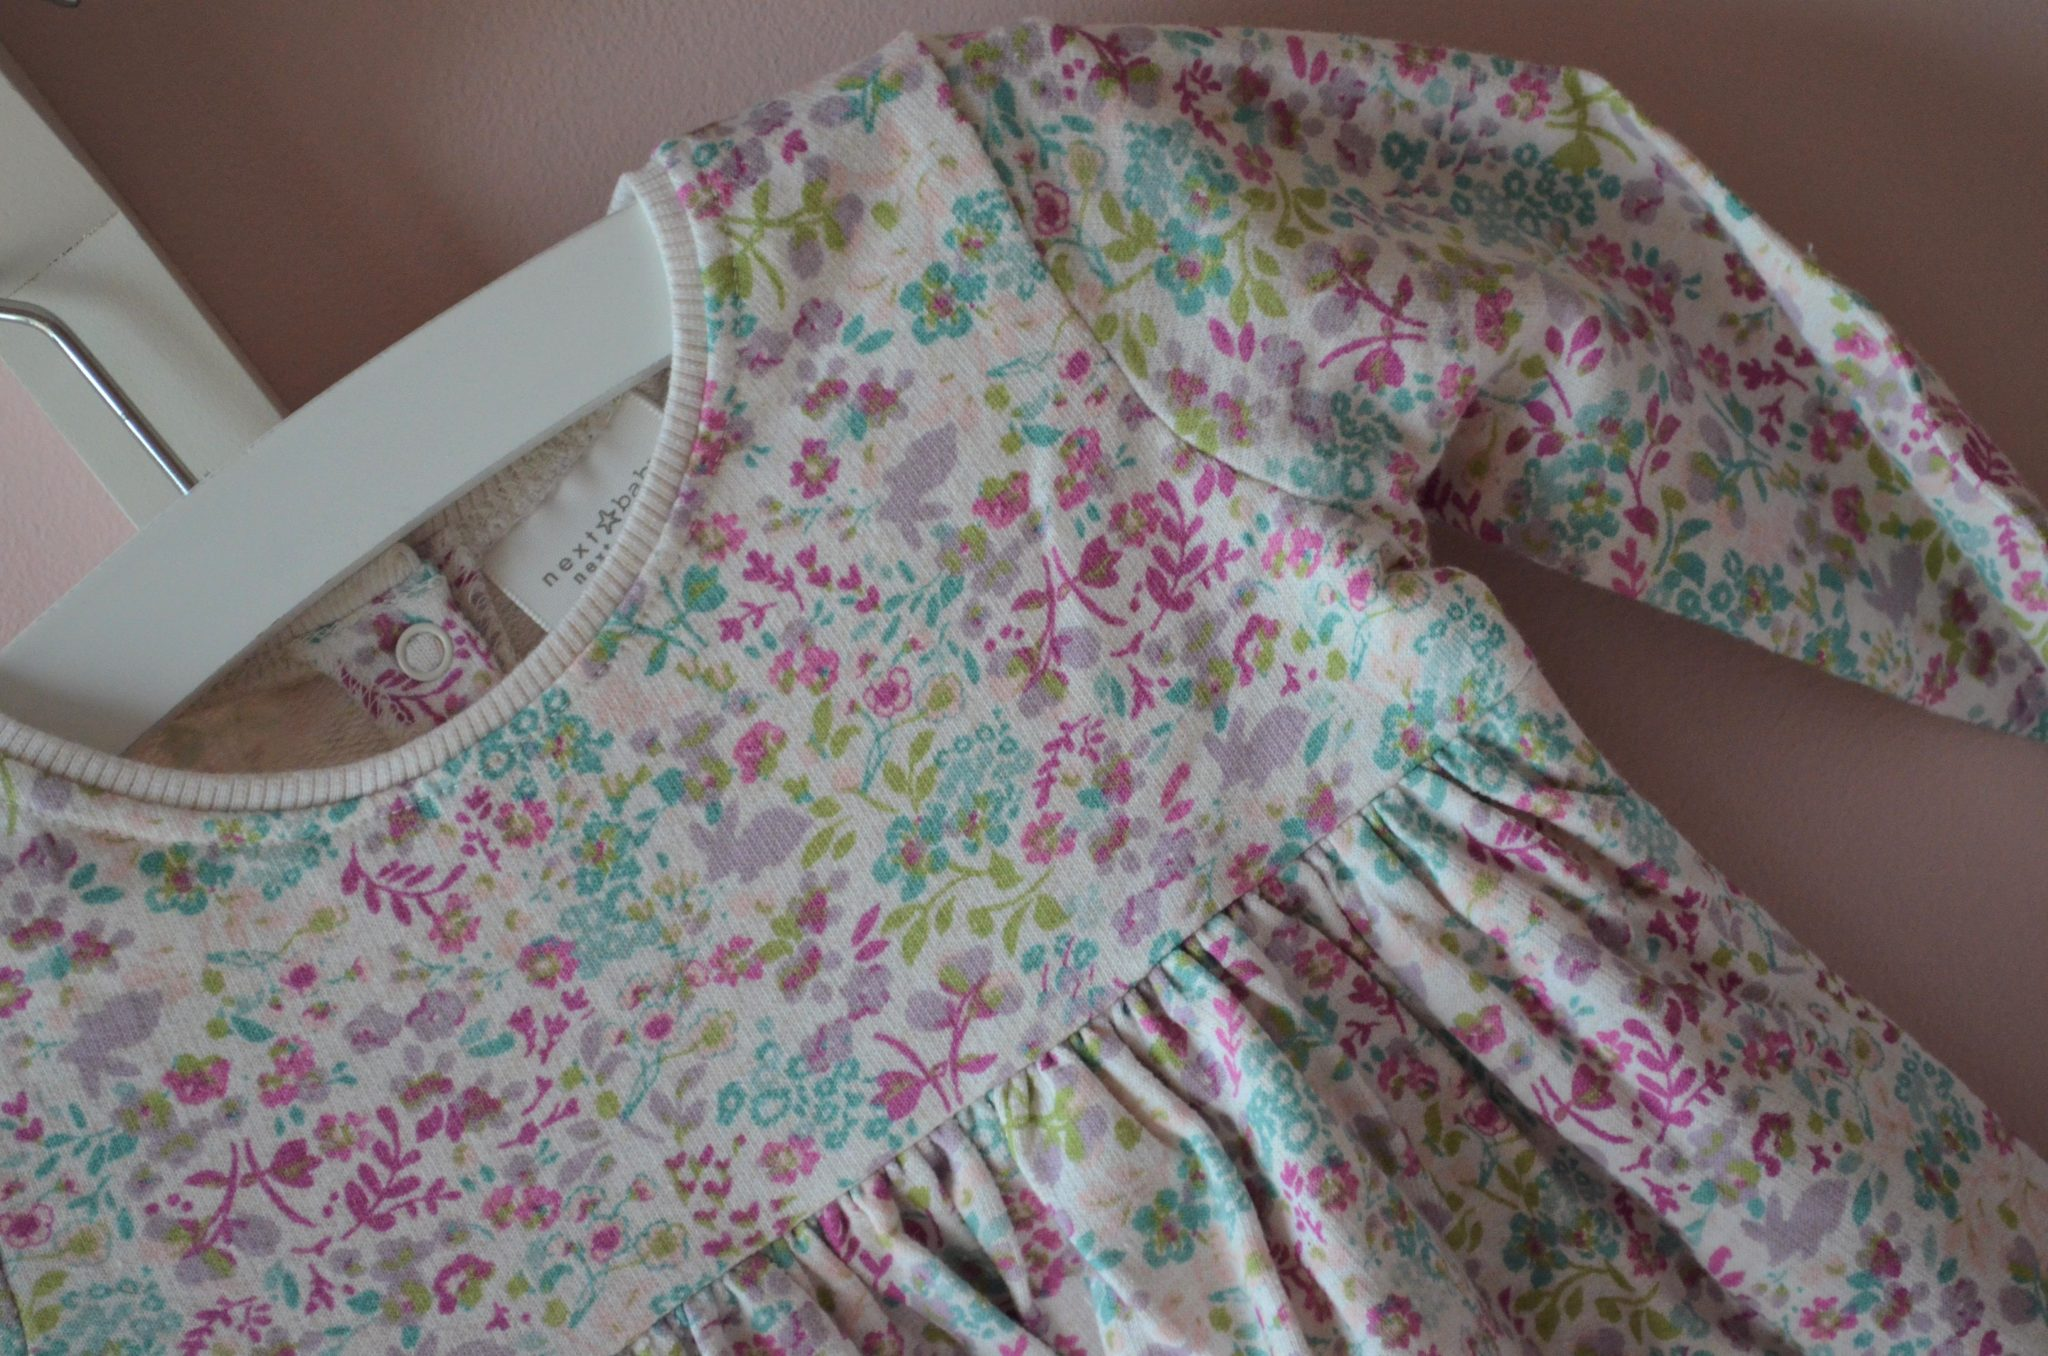 DSC 0335 4928x3264 - Herfstkleding voor Hazel van de H&M en Next Direct